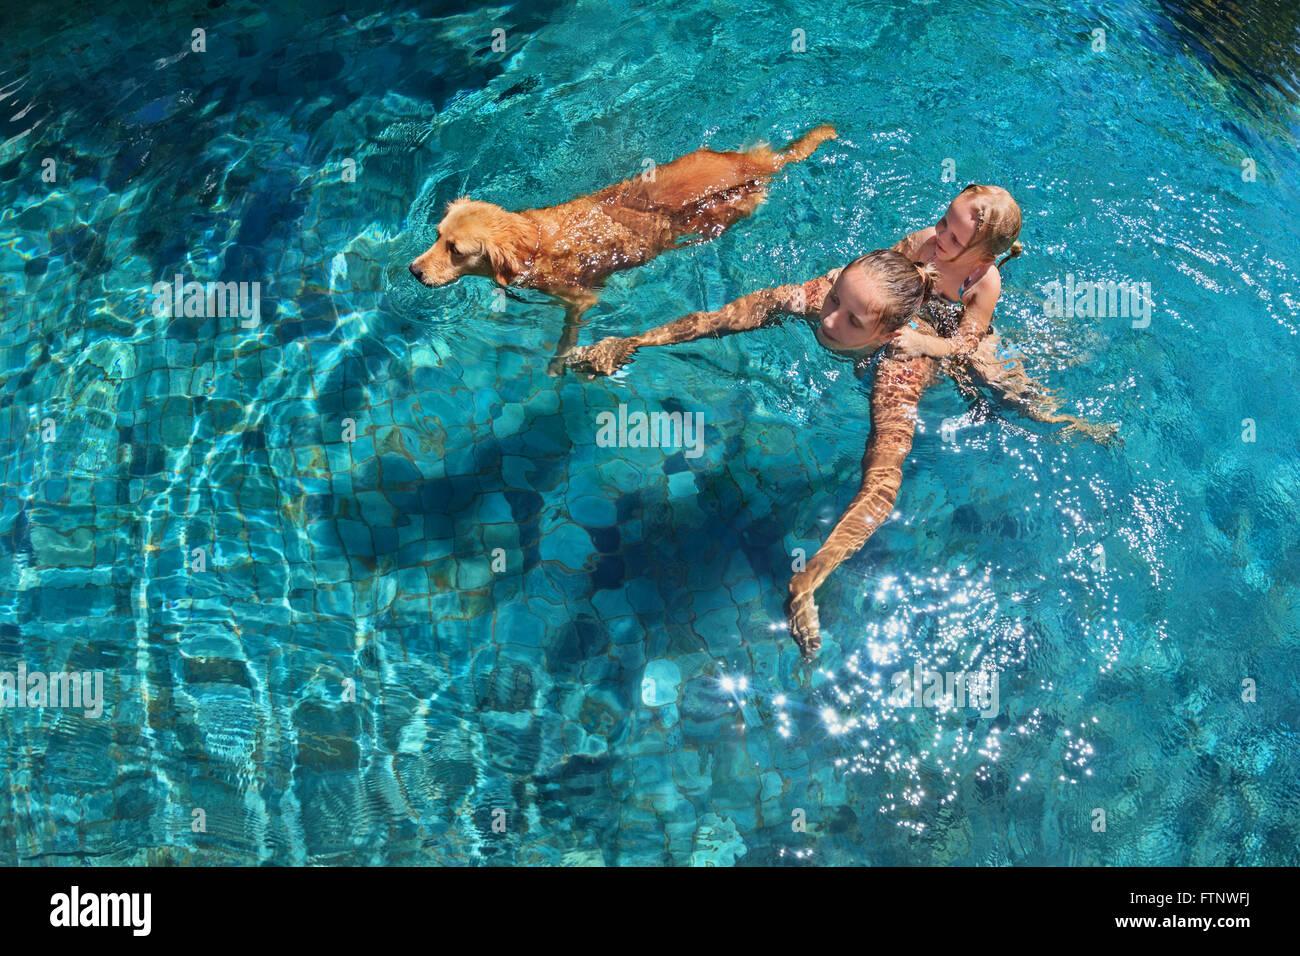 Madre con bambino sulla schiena giocare con il divertimento e il treno Golden Labrador retriever puppy in piscina. Immagini Stock